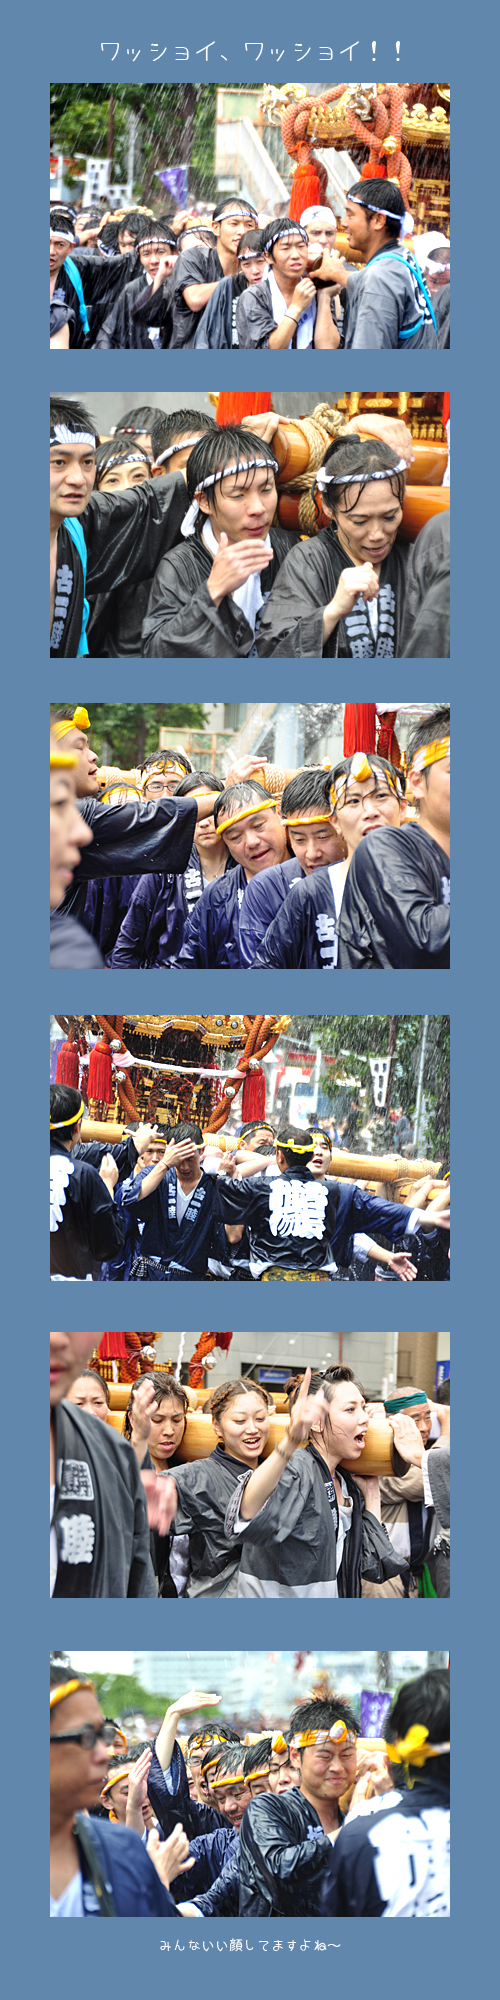 8月13日富岡八幡祭り3